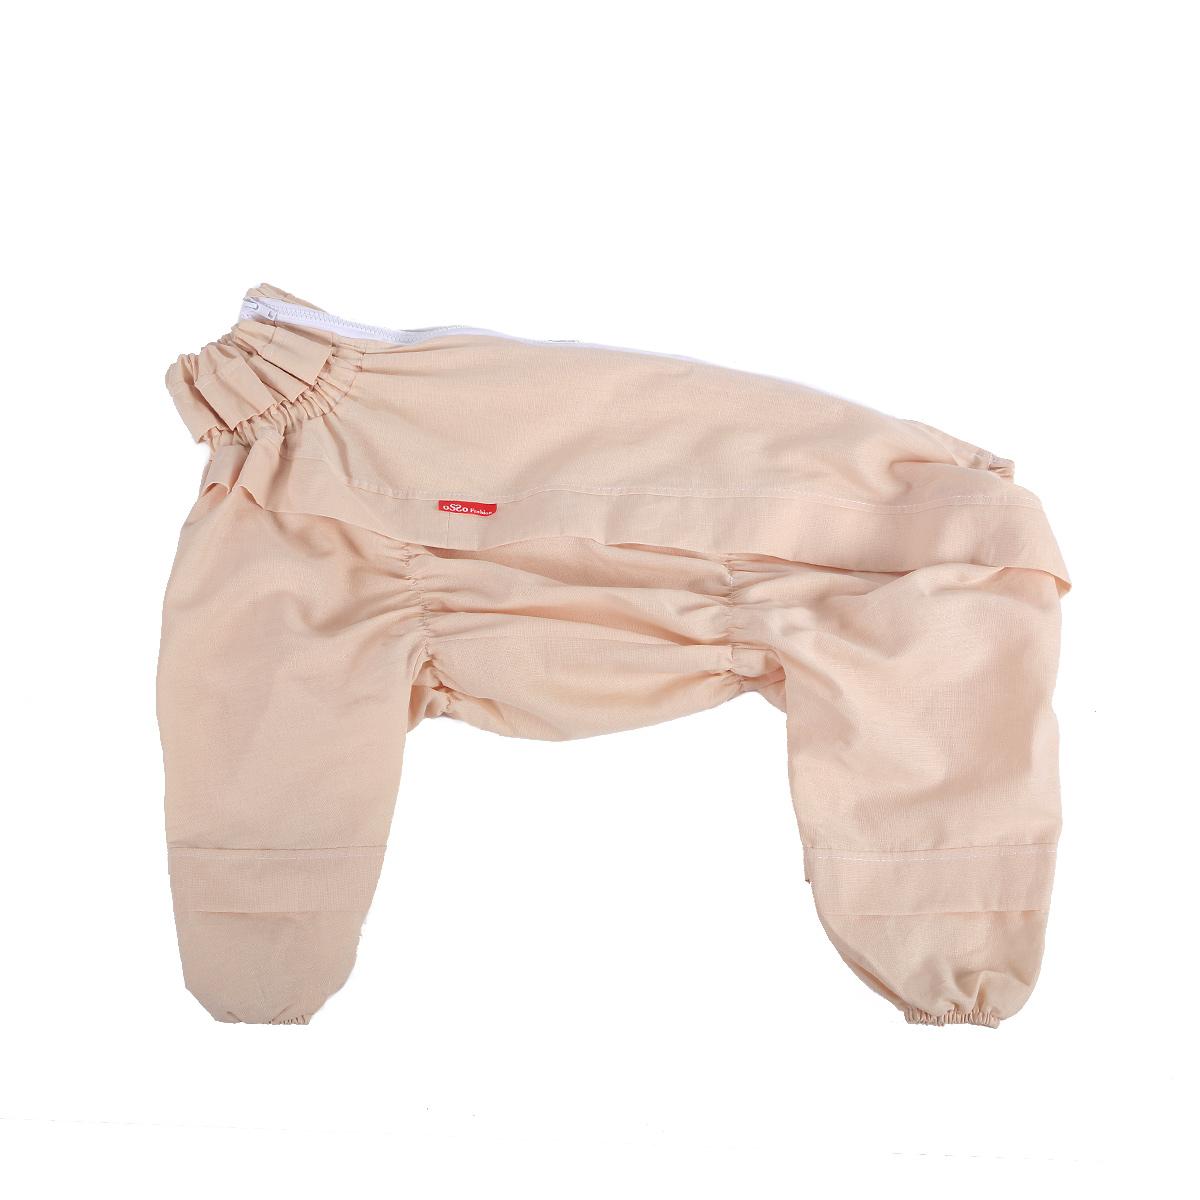 Комбинезон для собак OSSO Fashion, от клещей, для девочки, цвет: бежевый. Размер 50 цена